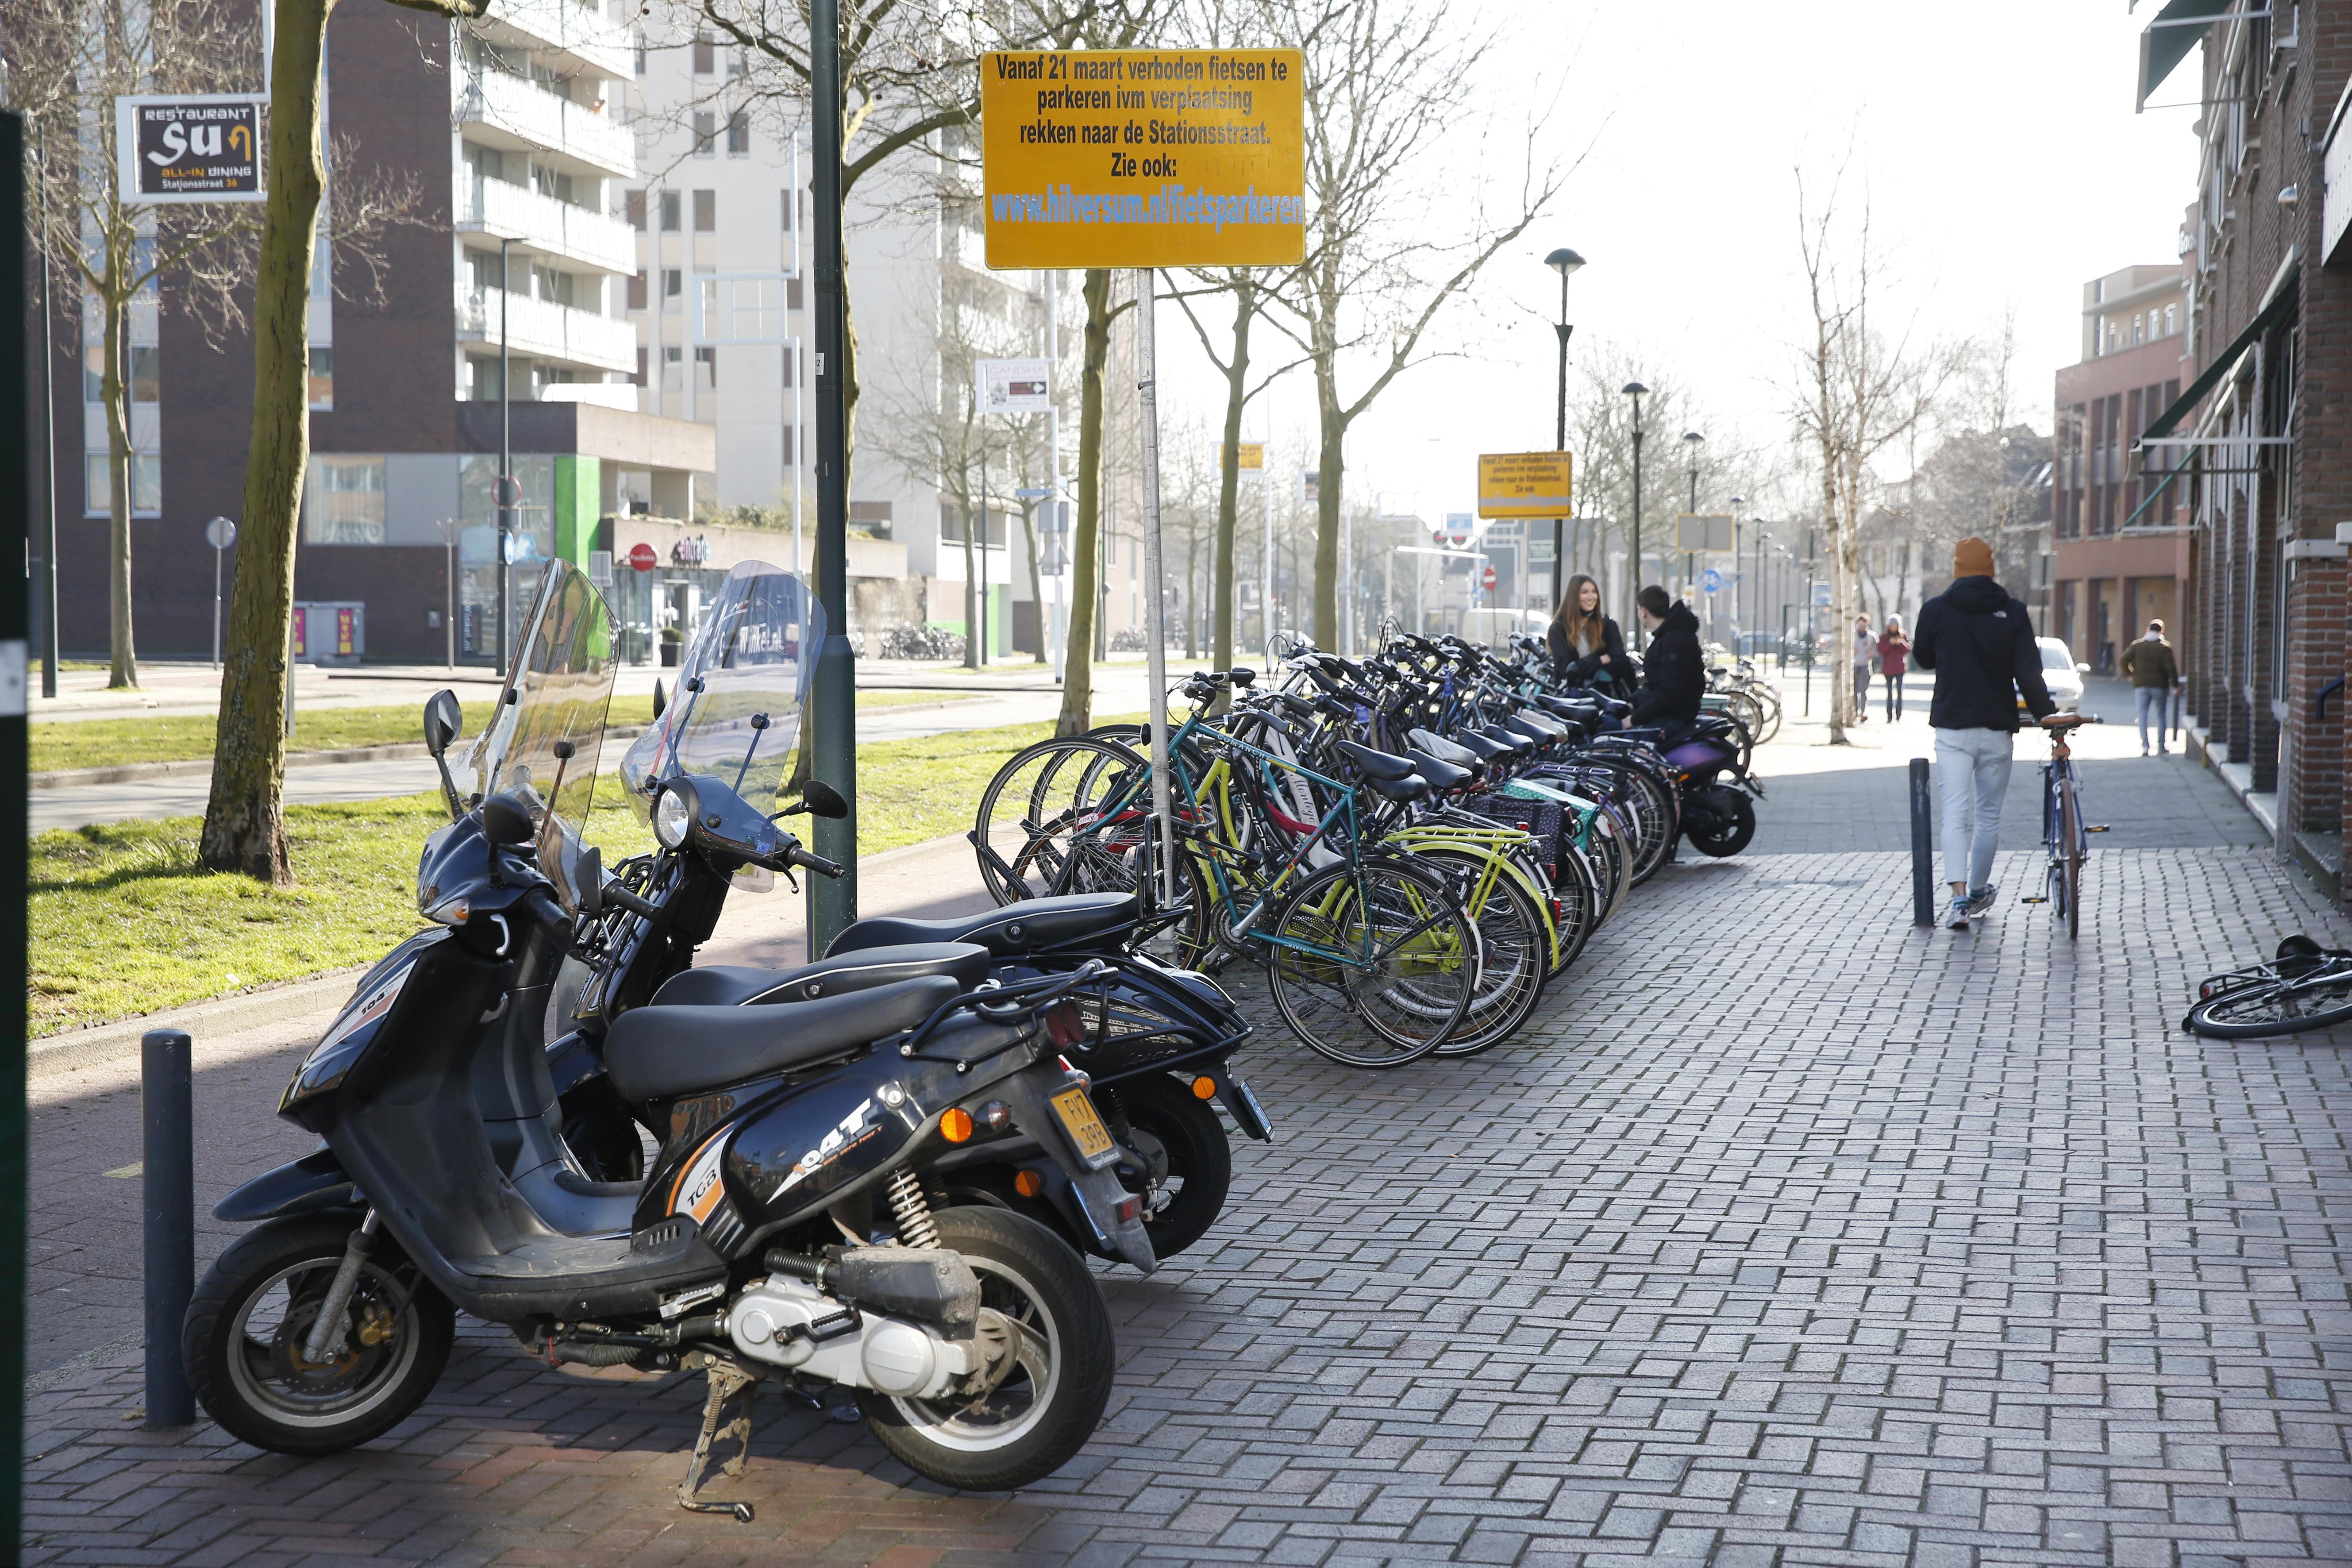 Hilversum haalt fietsenrekken aan centrumkant van Schapenkamp weg. Wethouder Scheepers: 'Voorbereidende werkzaamheden voor fantastisch Stationsgebied'